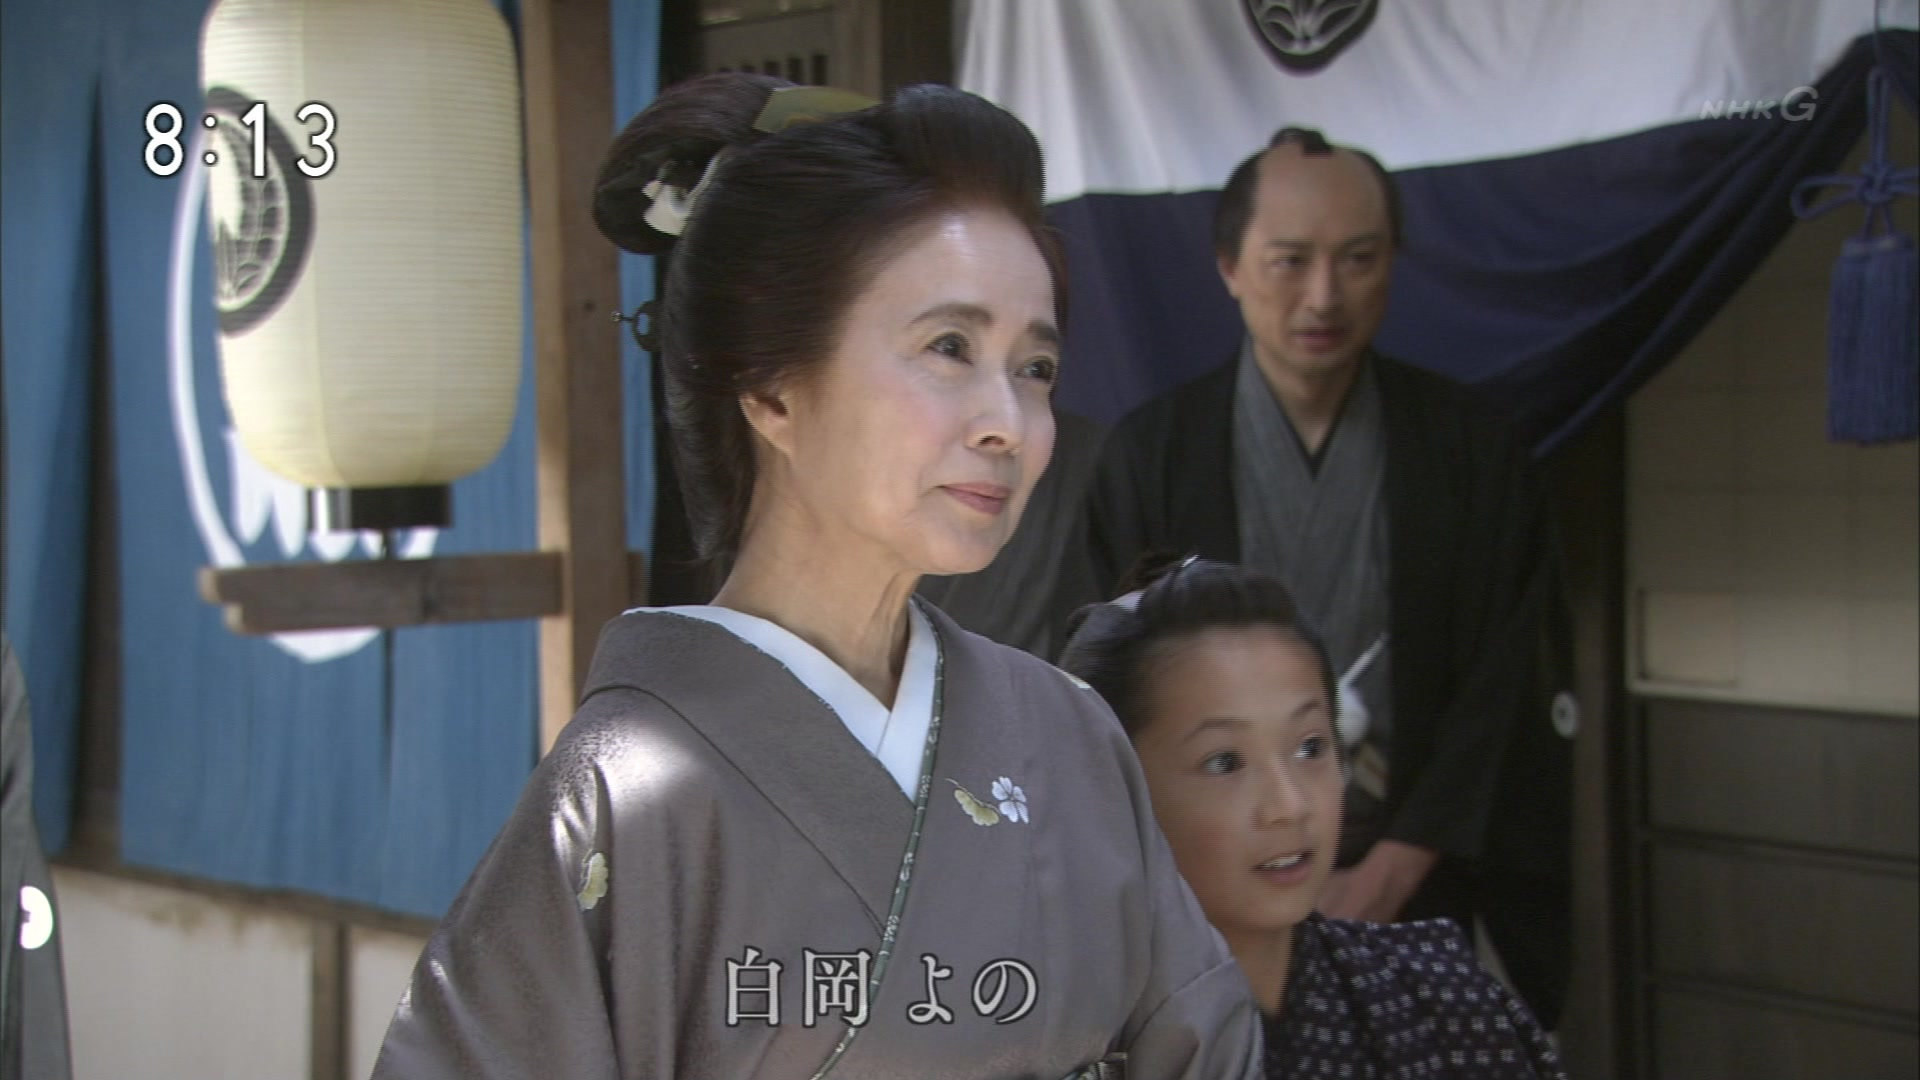 2015-10-10 08:00 連続テレビ小説 あさが来た(12)「ふたつの花びら」 2471